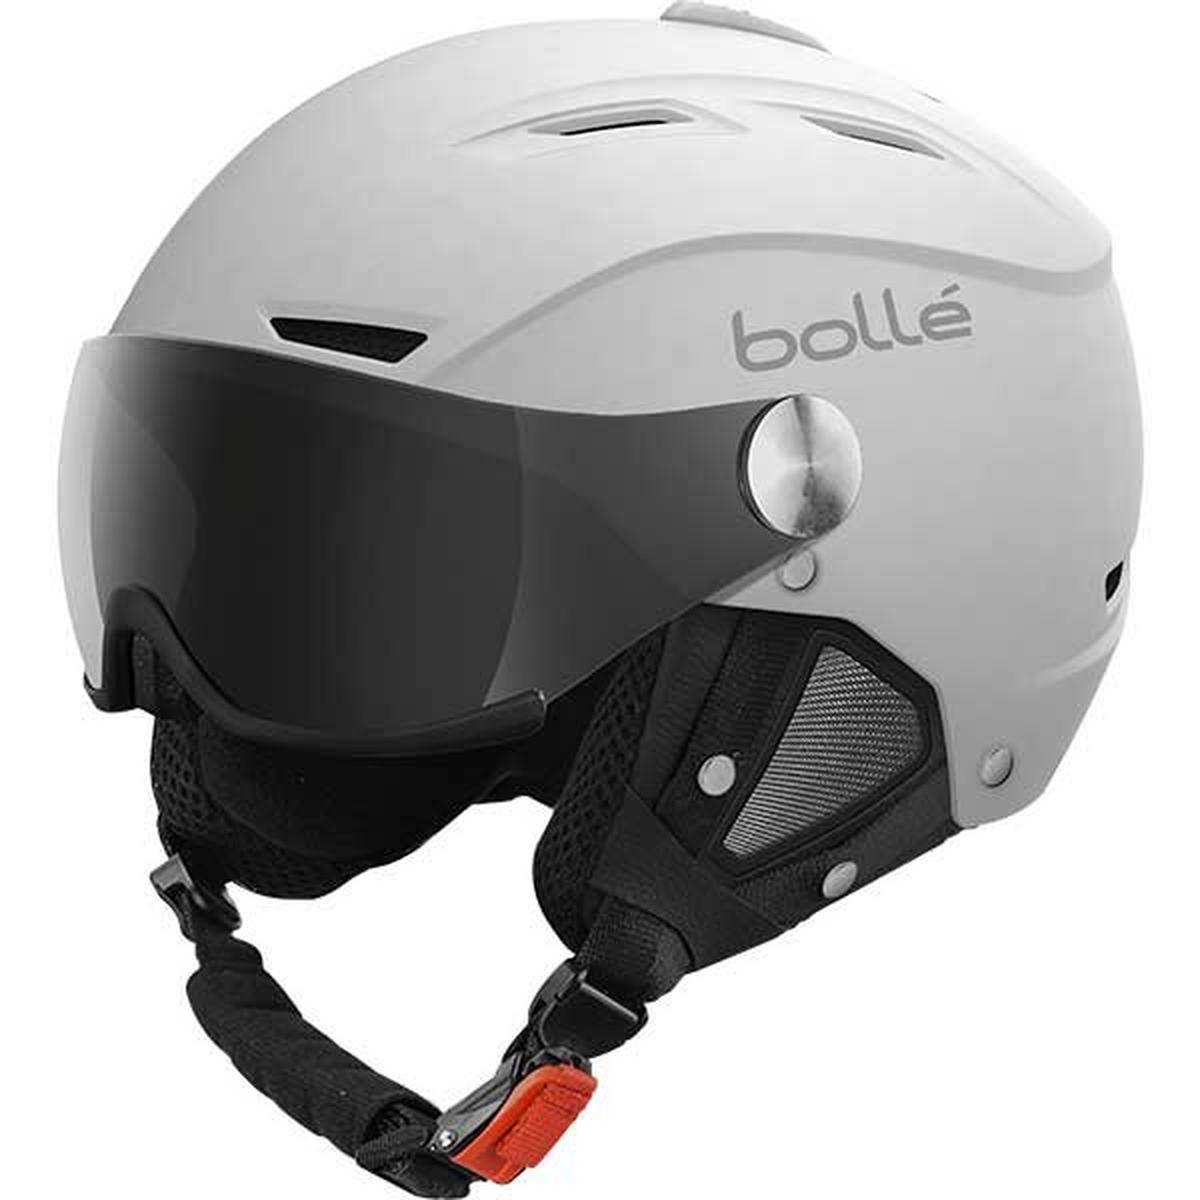 Bolle Backline Visor Helmet